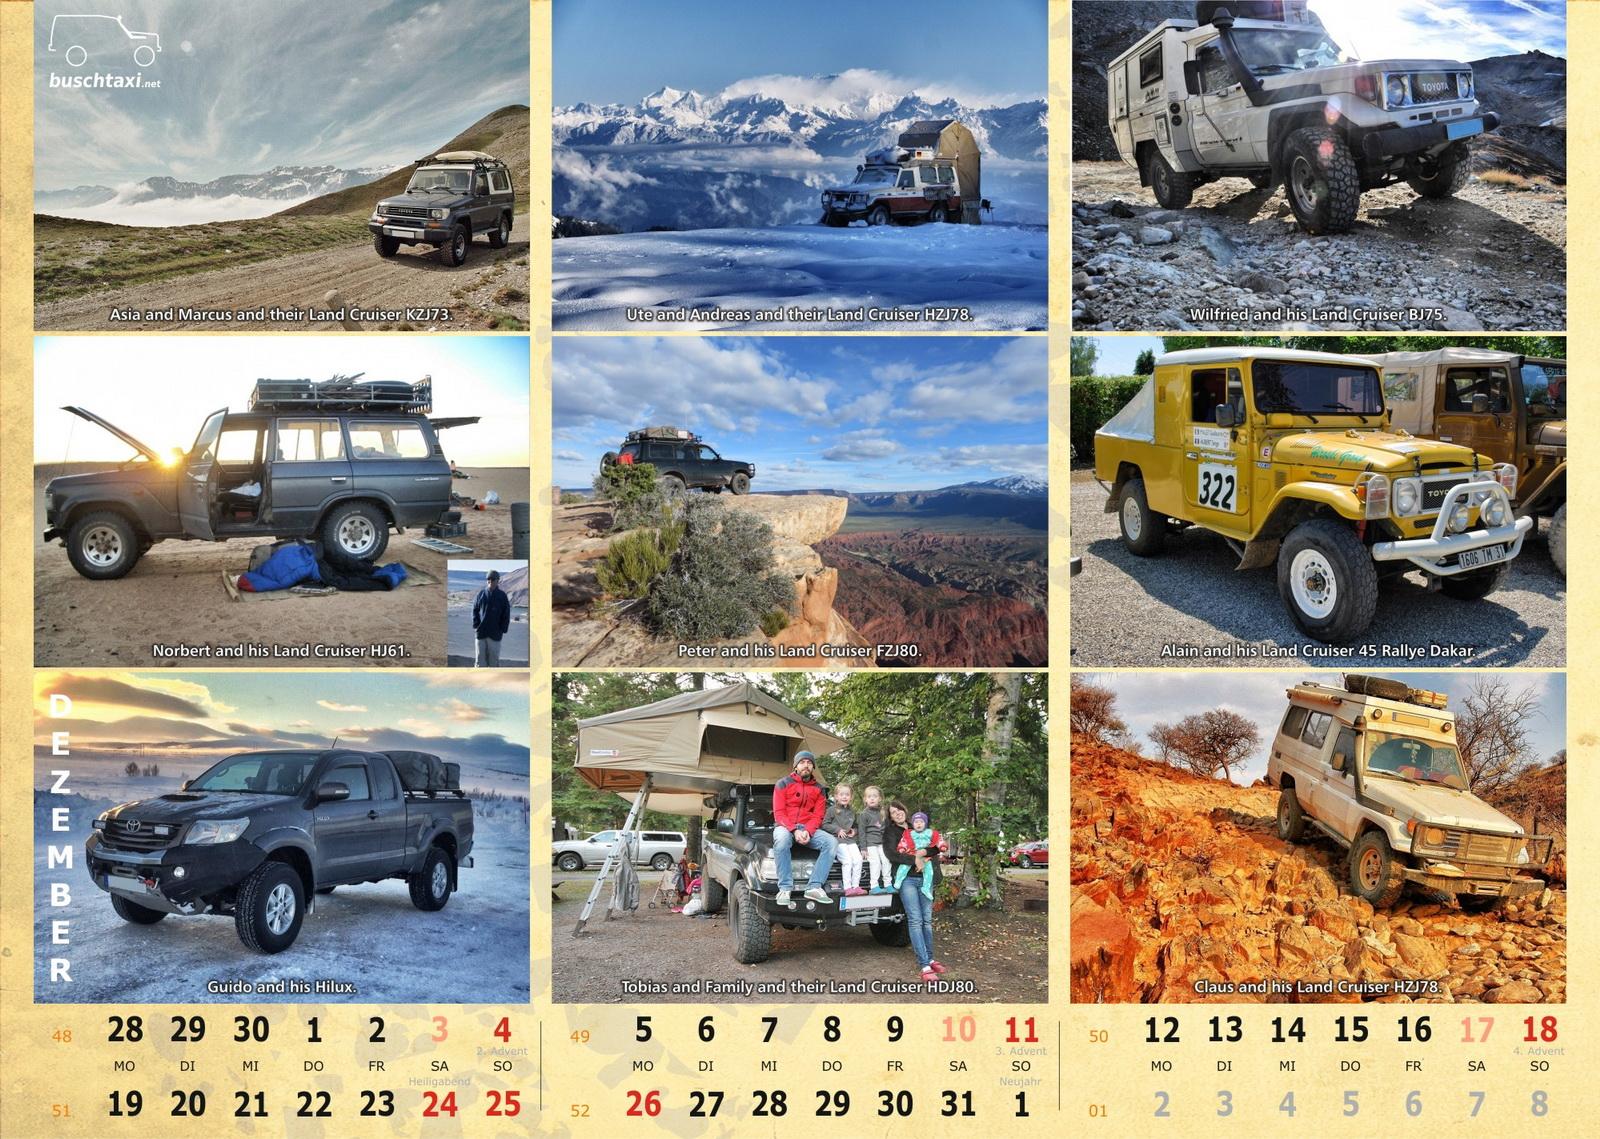 Buschtaxi-Kalender 2016-12